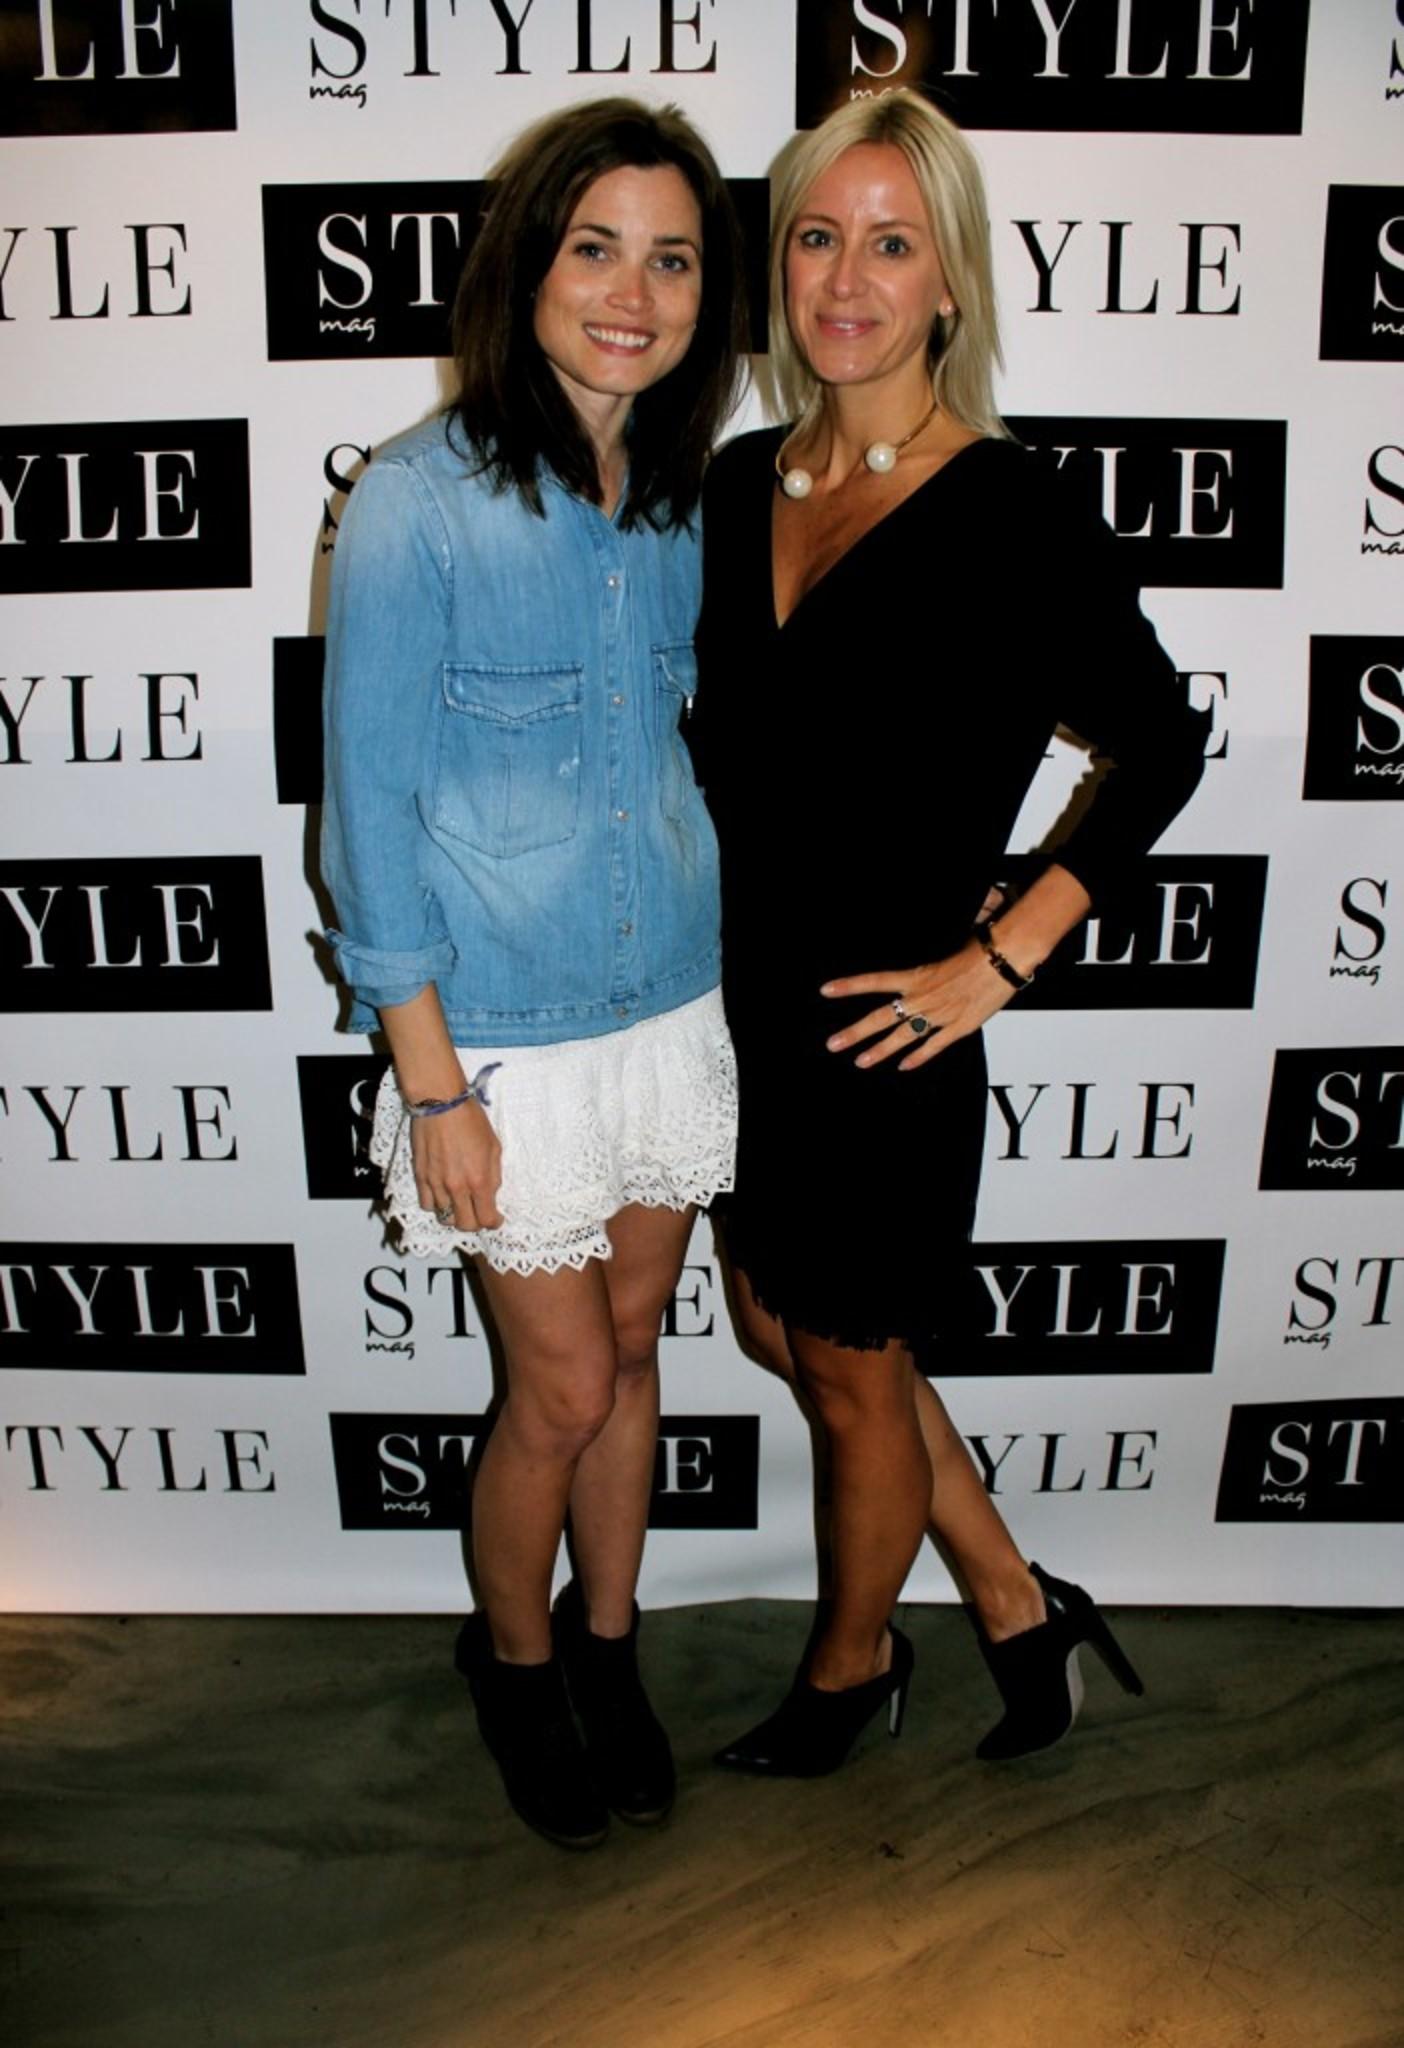 Gitte & Celine!